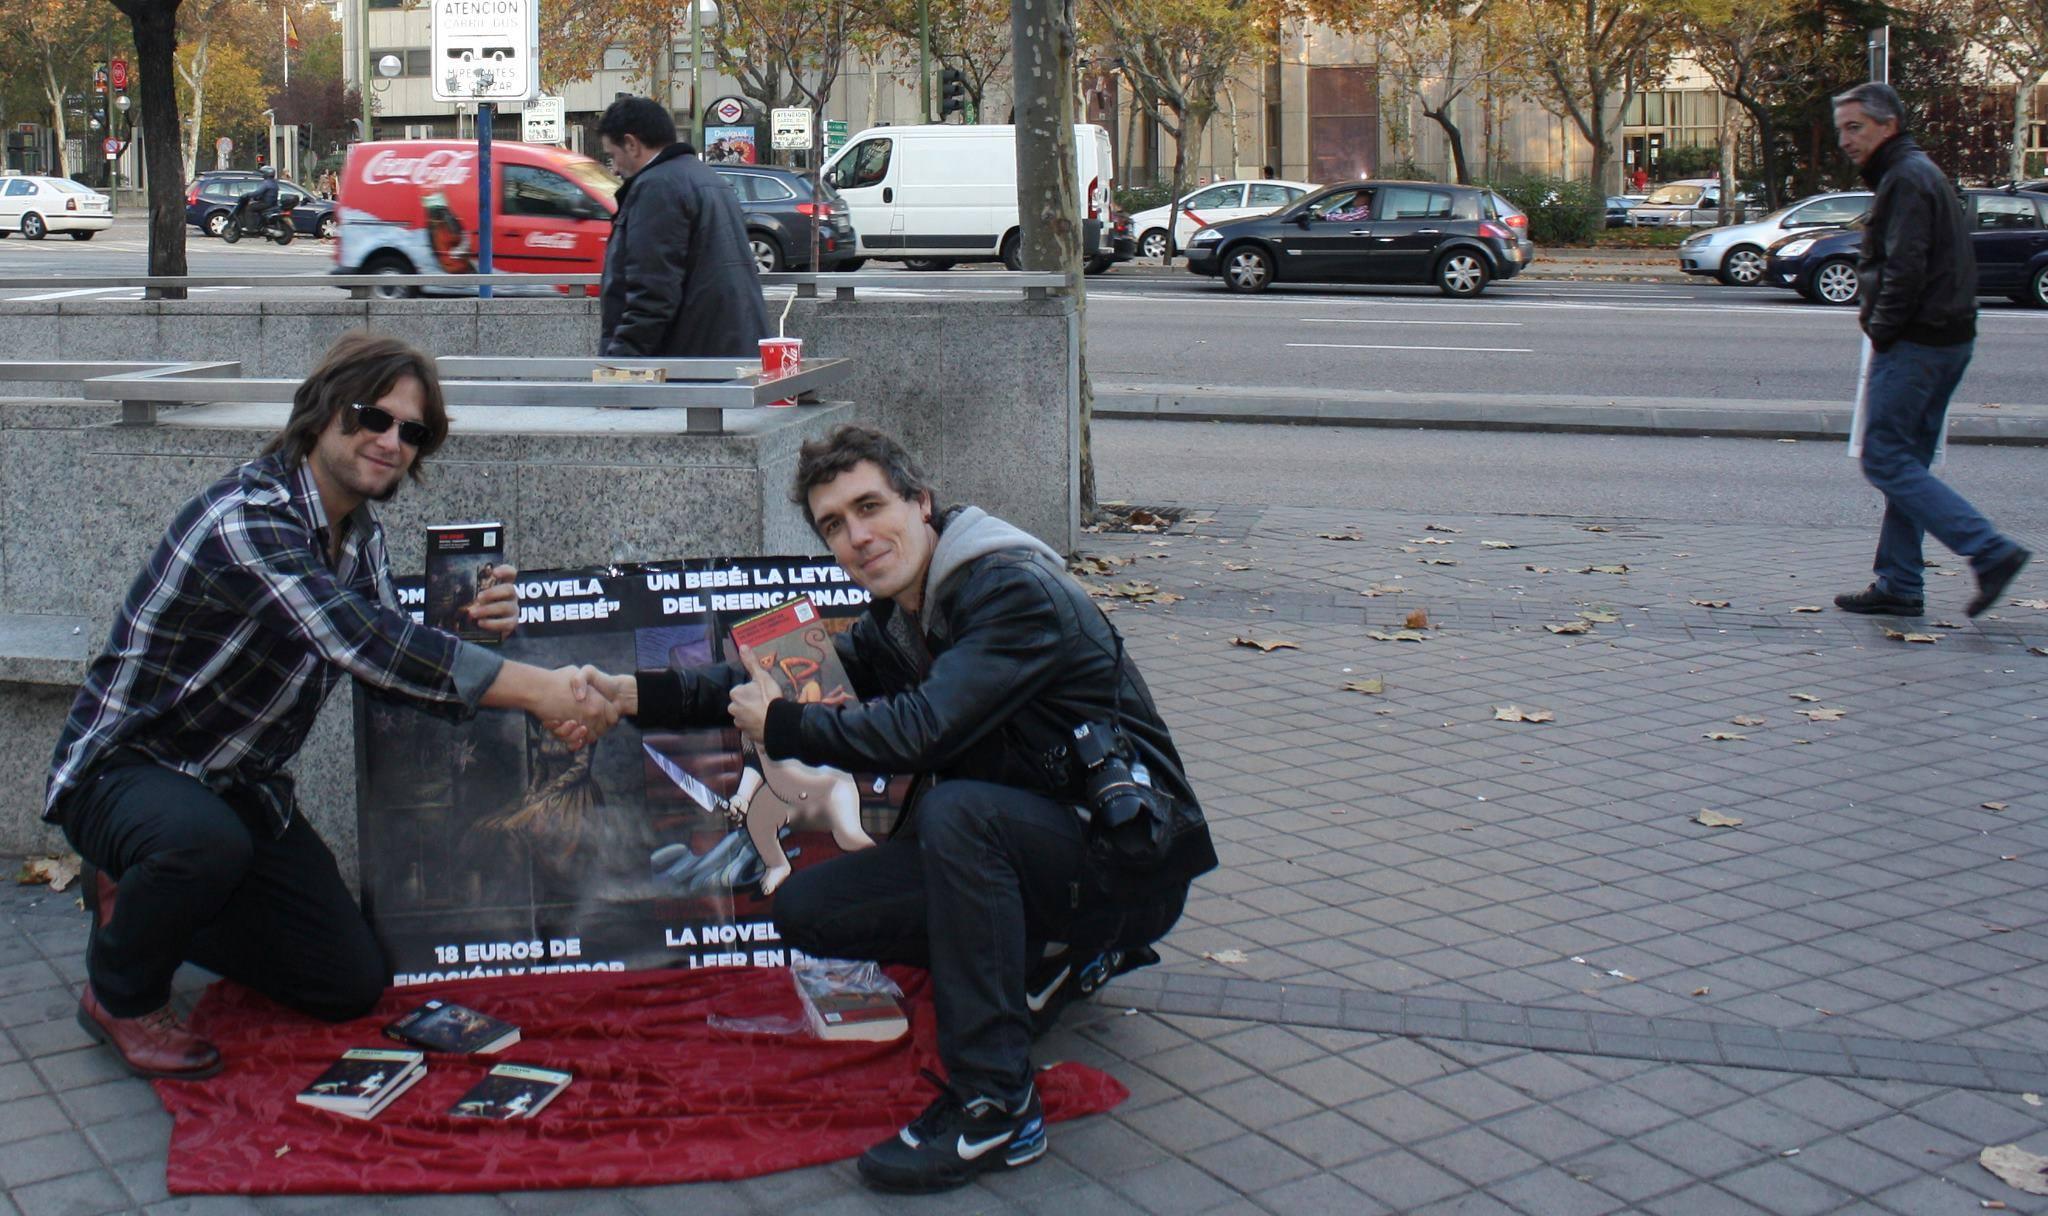 vendiendo mis libros en la calle.jpg